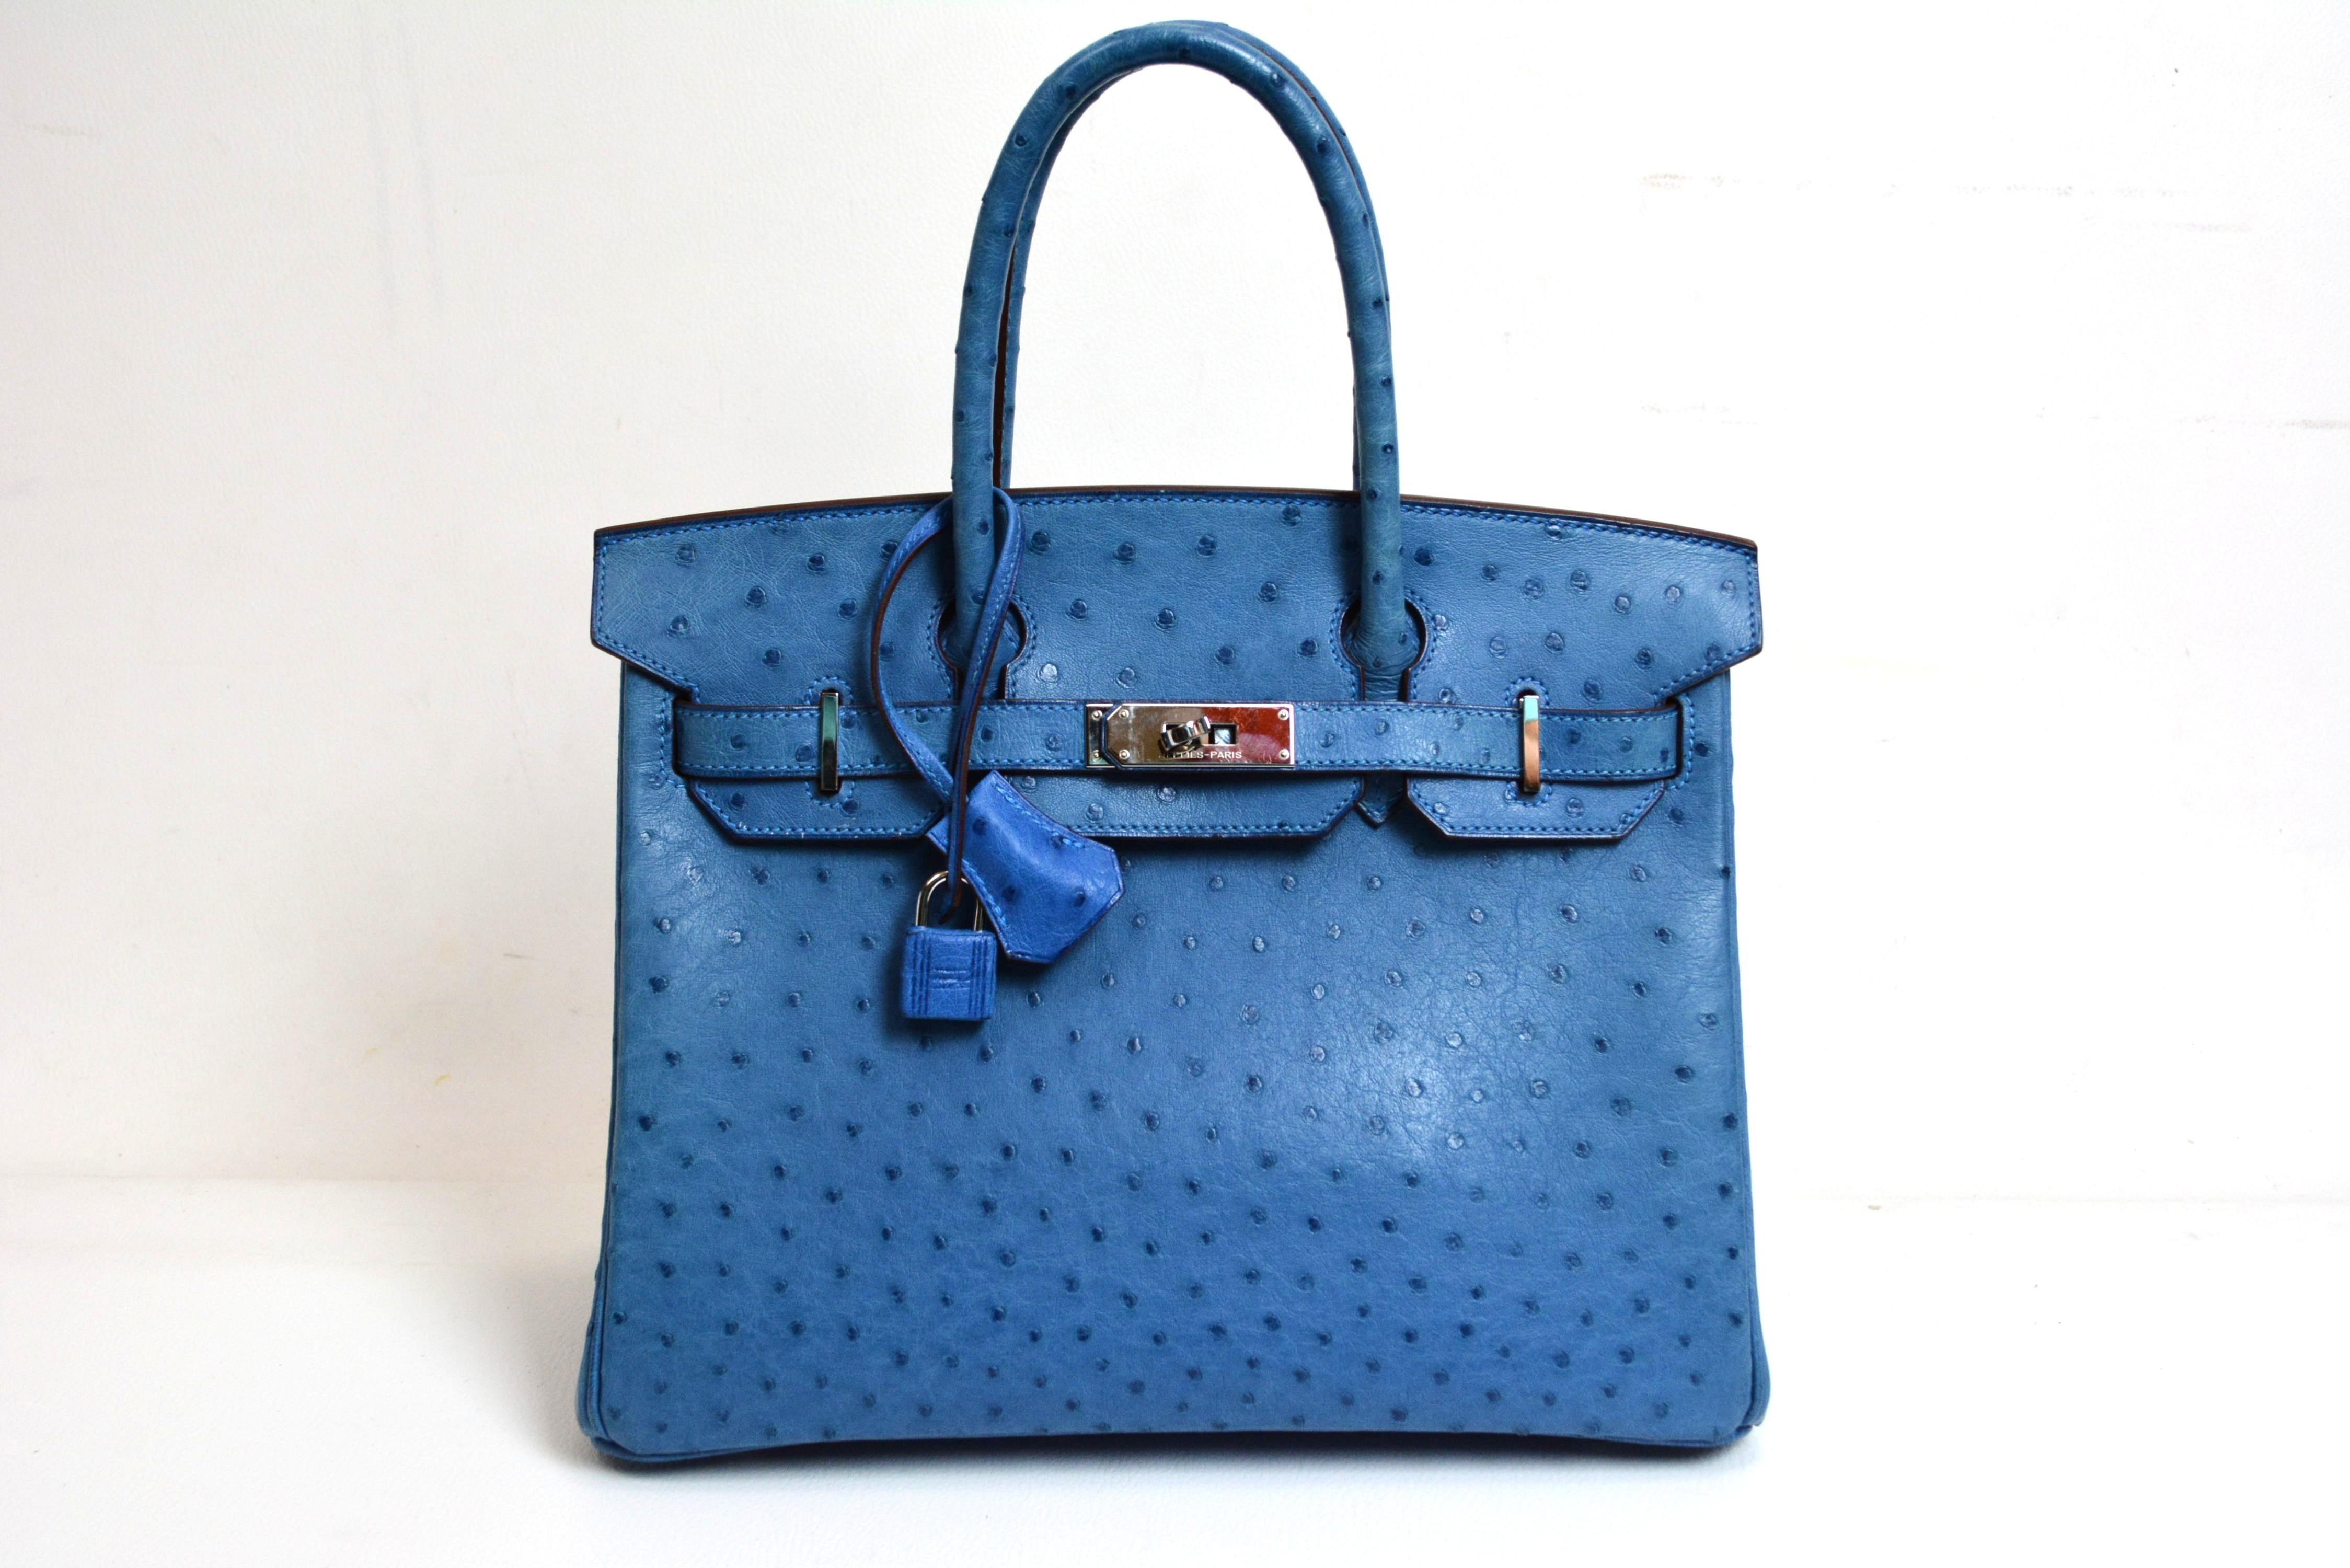 9038c668b5b 2.  Accidentalmente  famoso. El bolso Hermès recibió su nombre del  glamur  del momento  en 1956